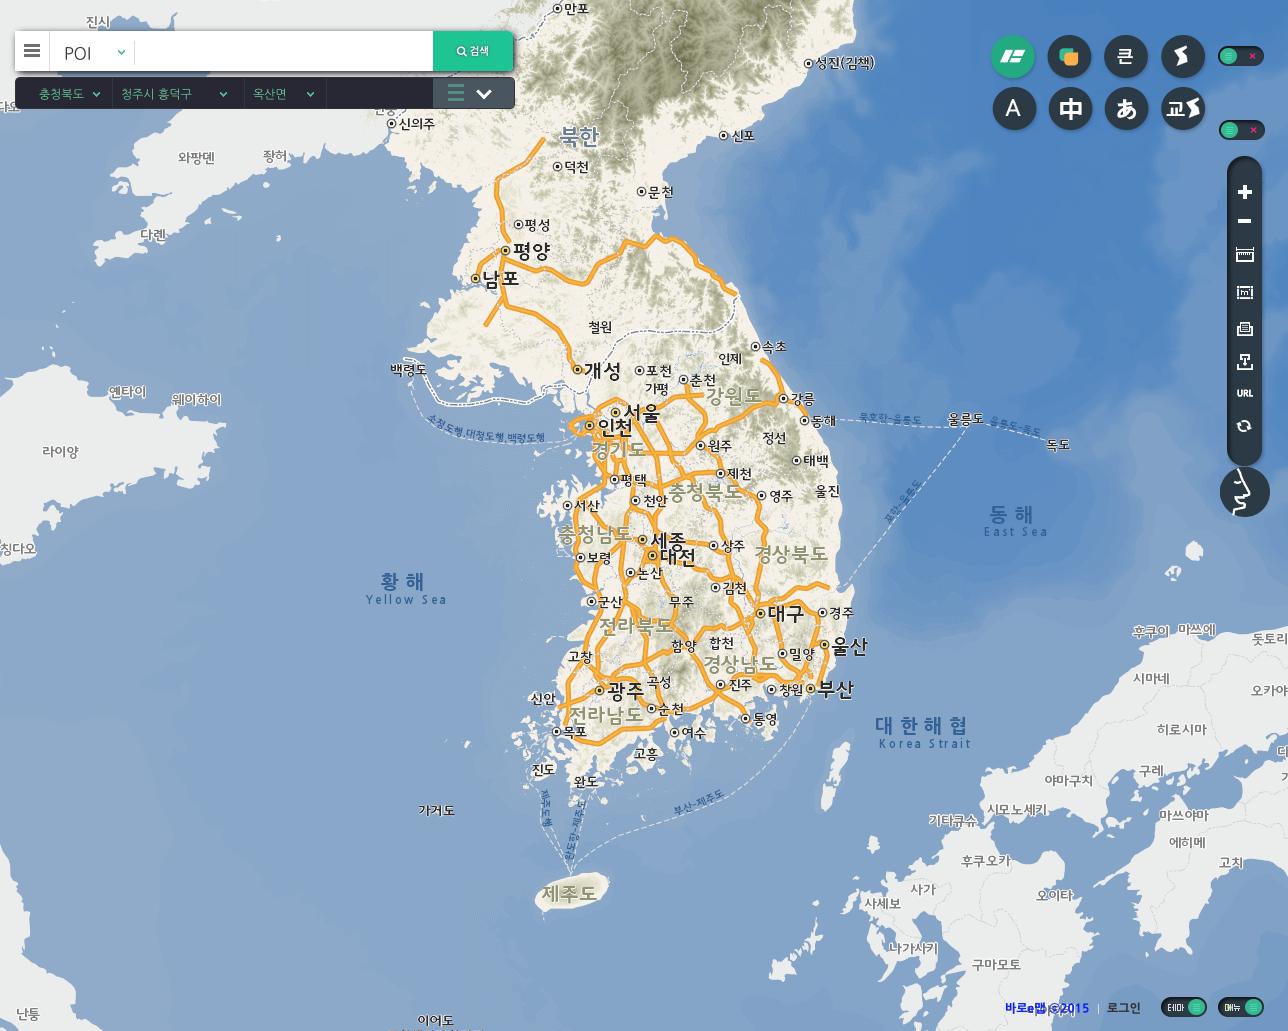 국토지리정보원 바로e맵